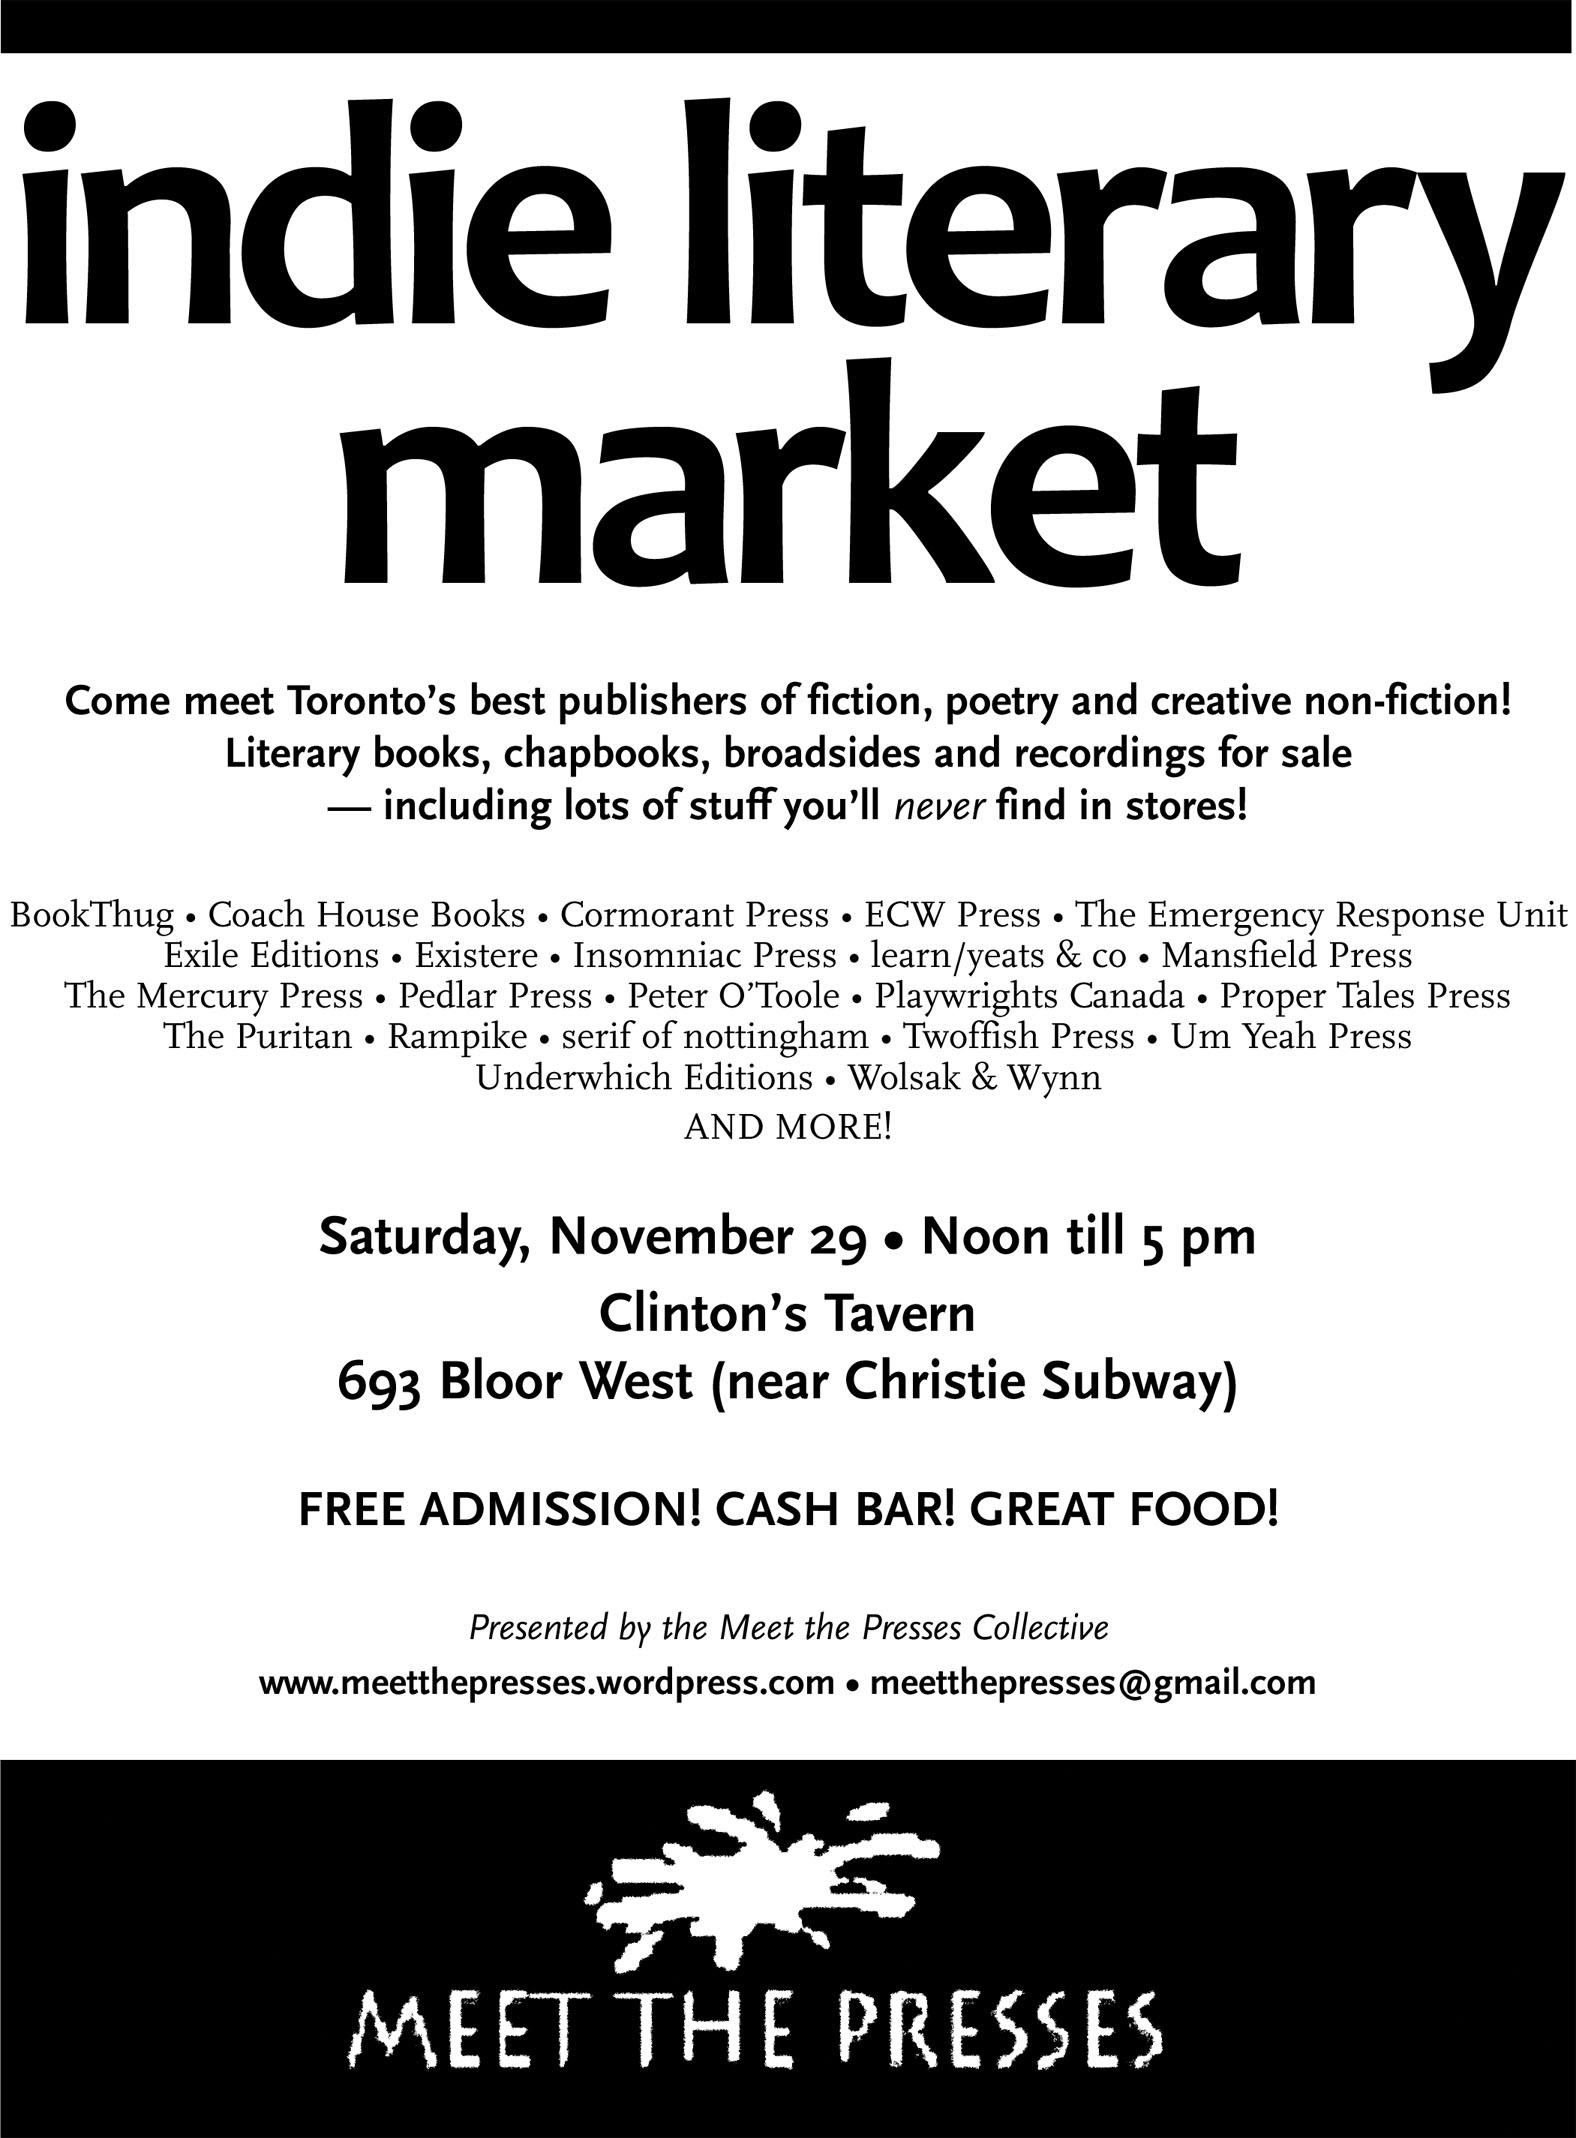 Indie Literary Market